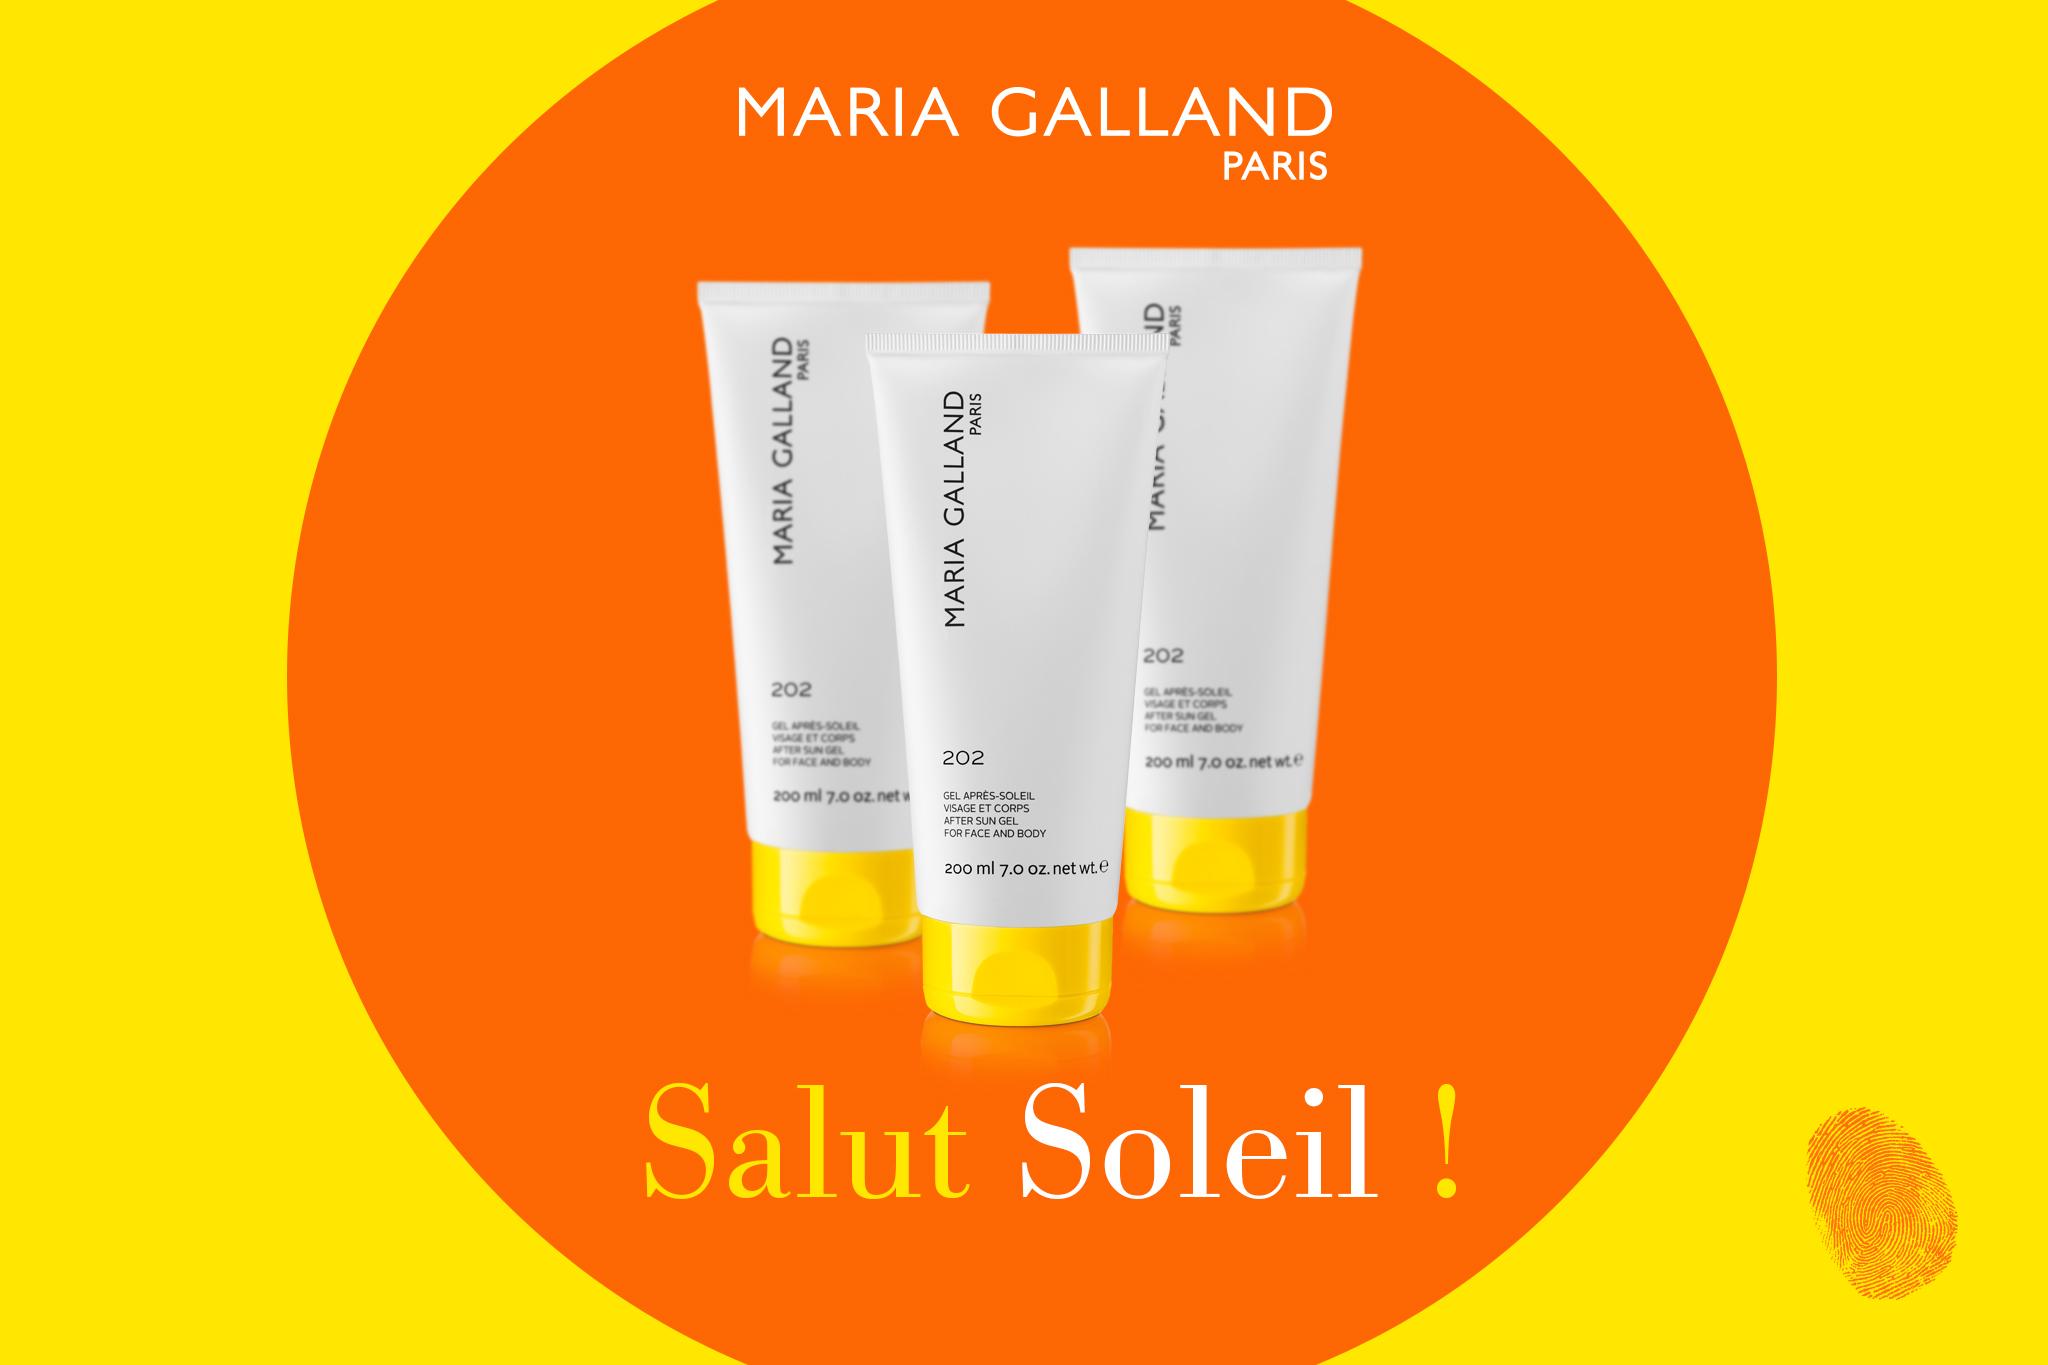 produkte-maria-galland-wiesbaden-4